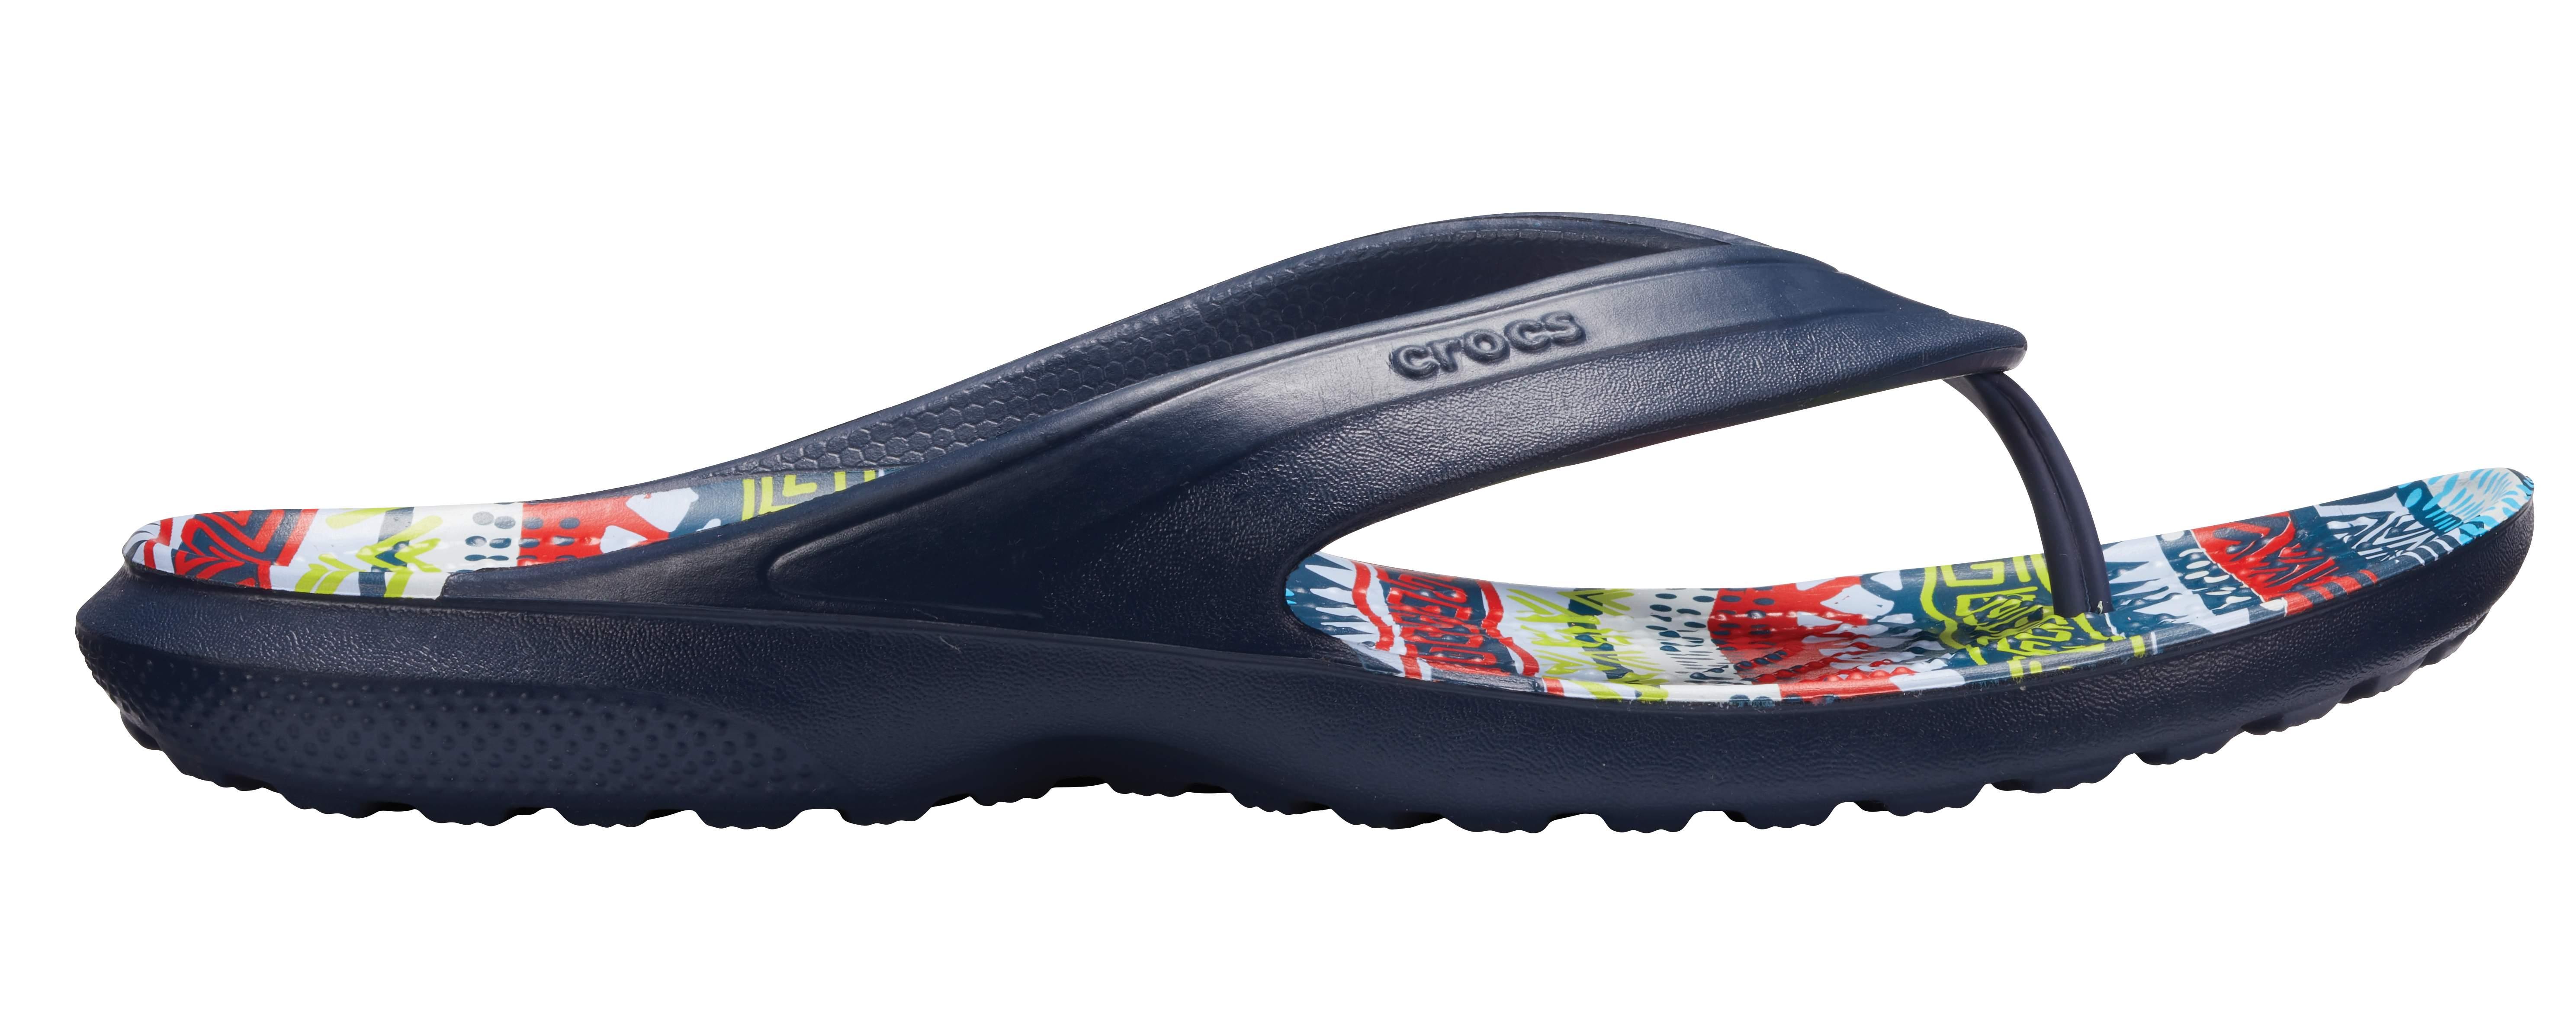 Classic Graphic Flip Crocs